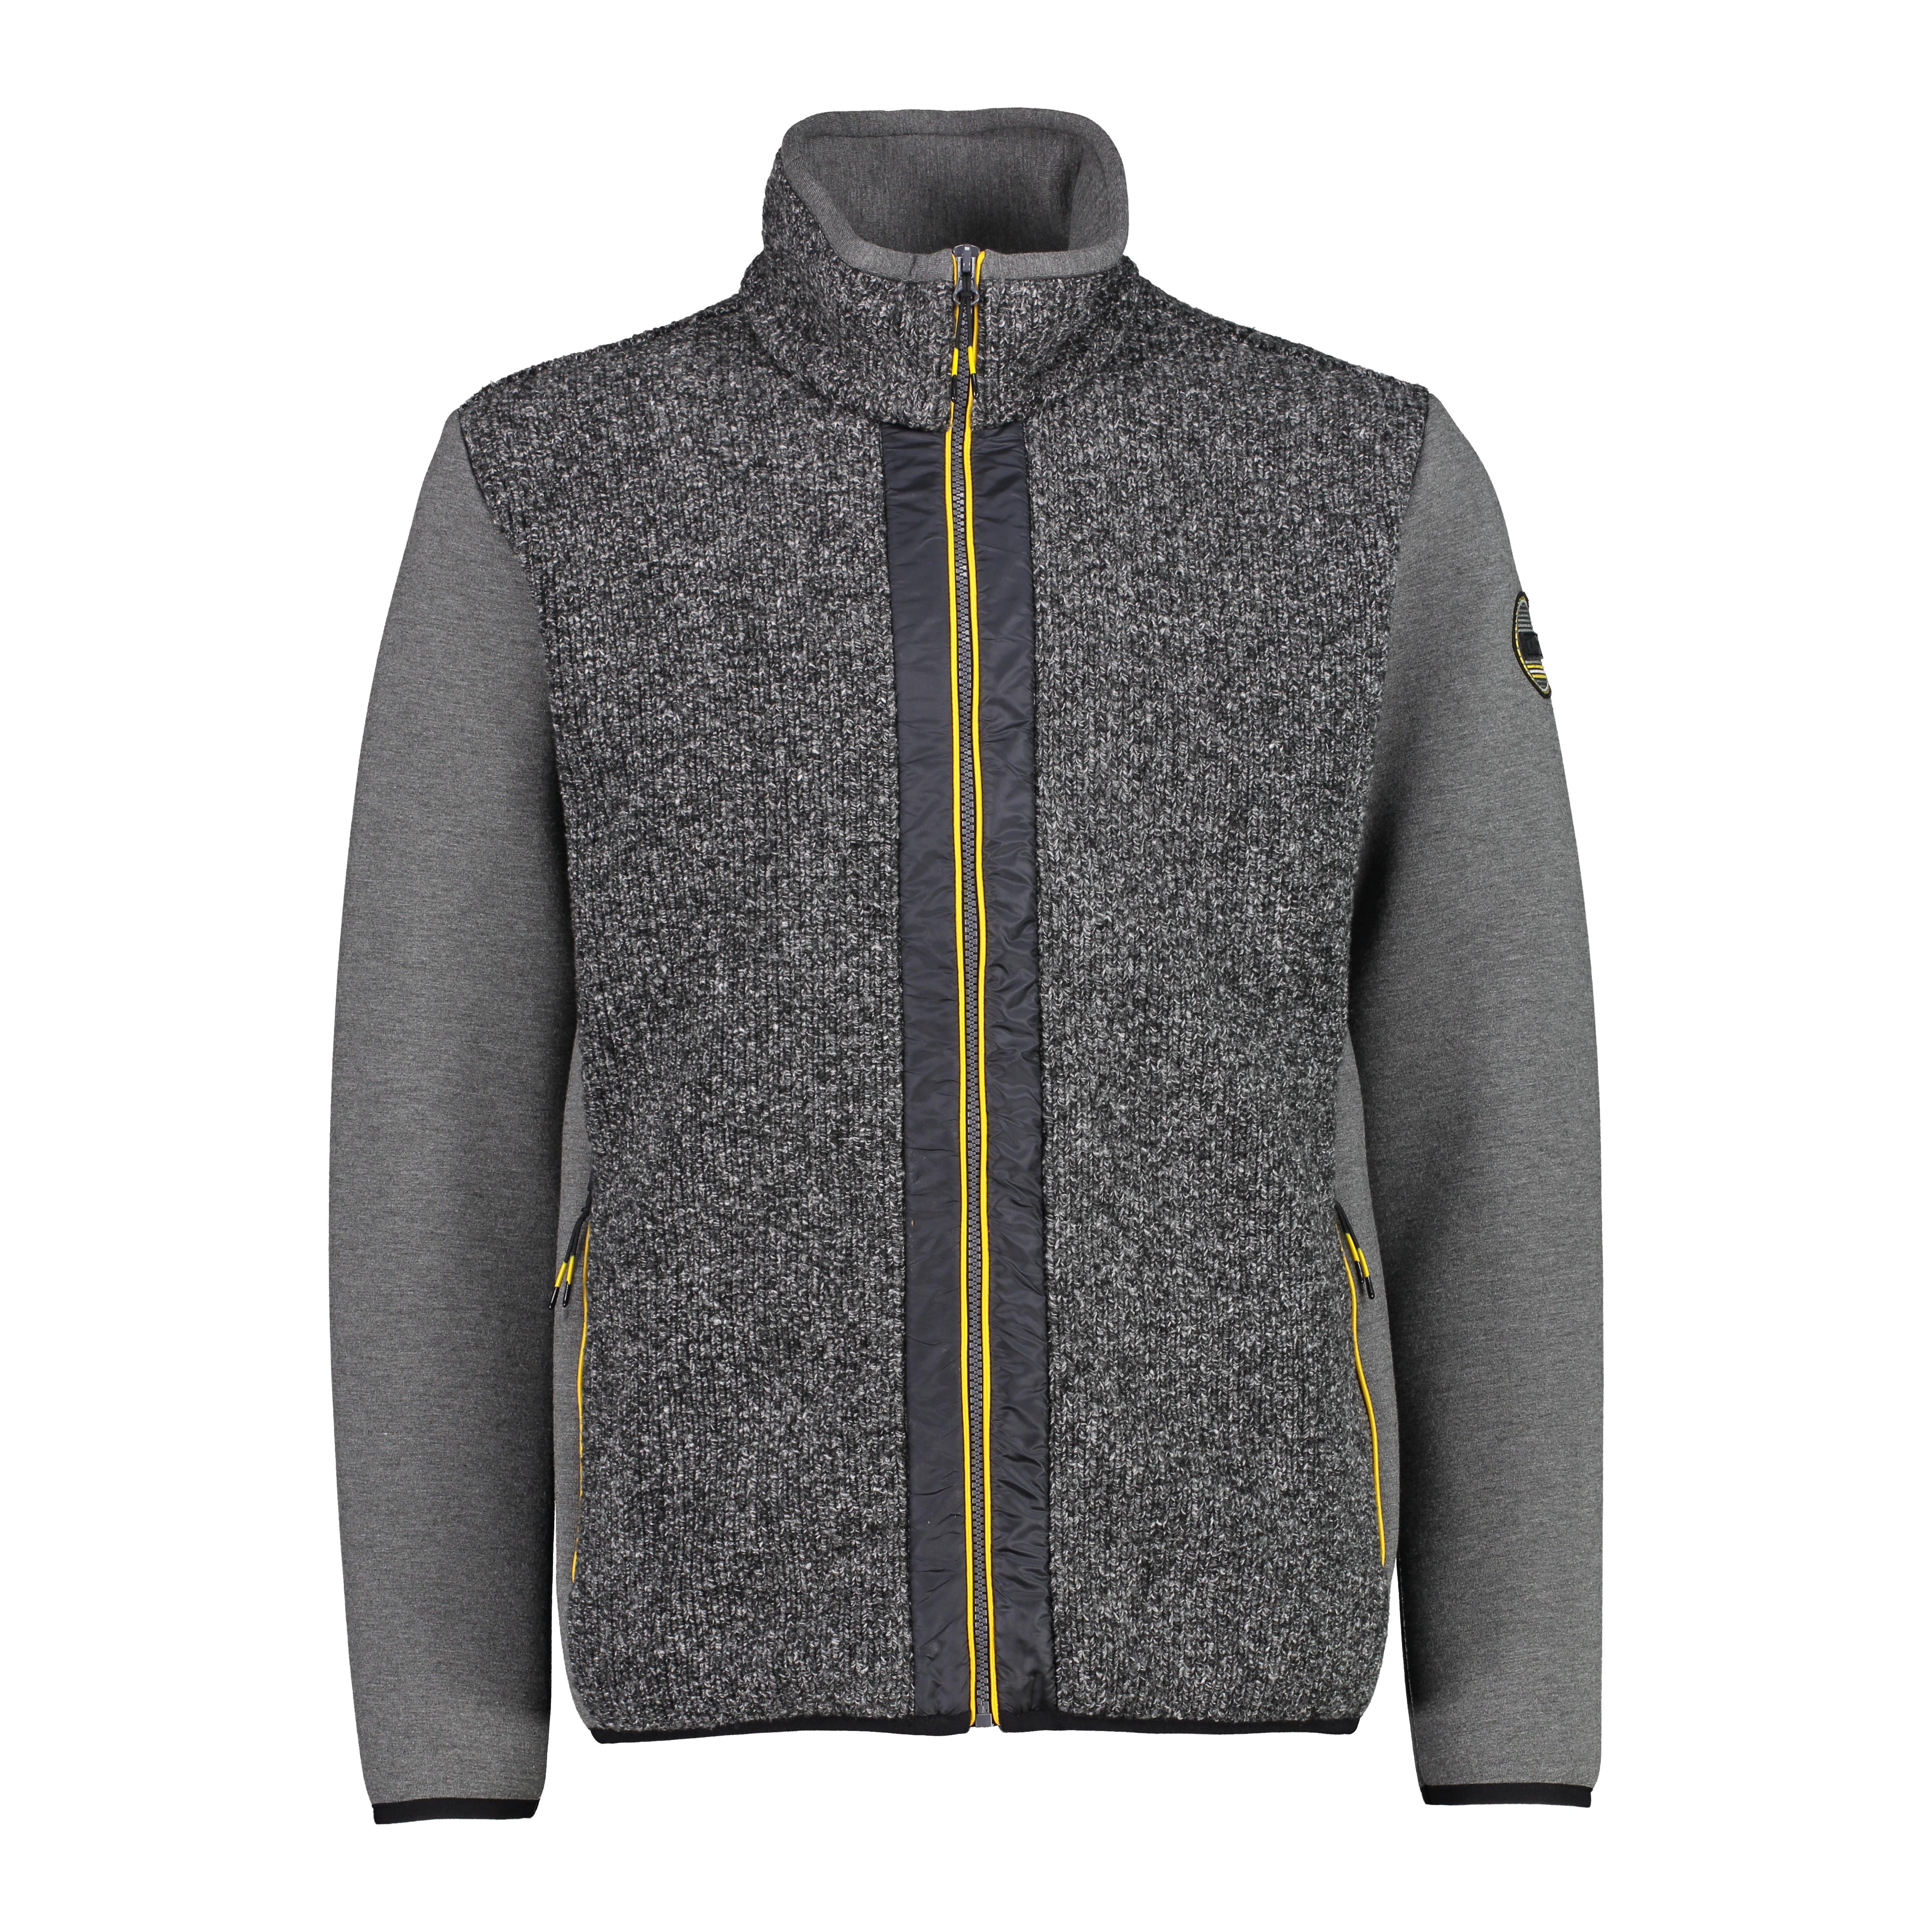 Wooltech Jacket